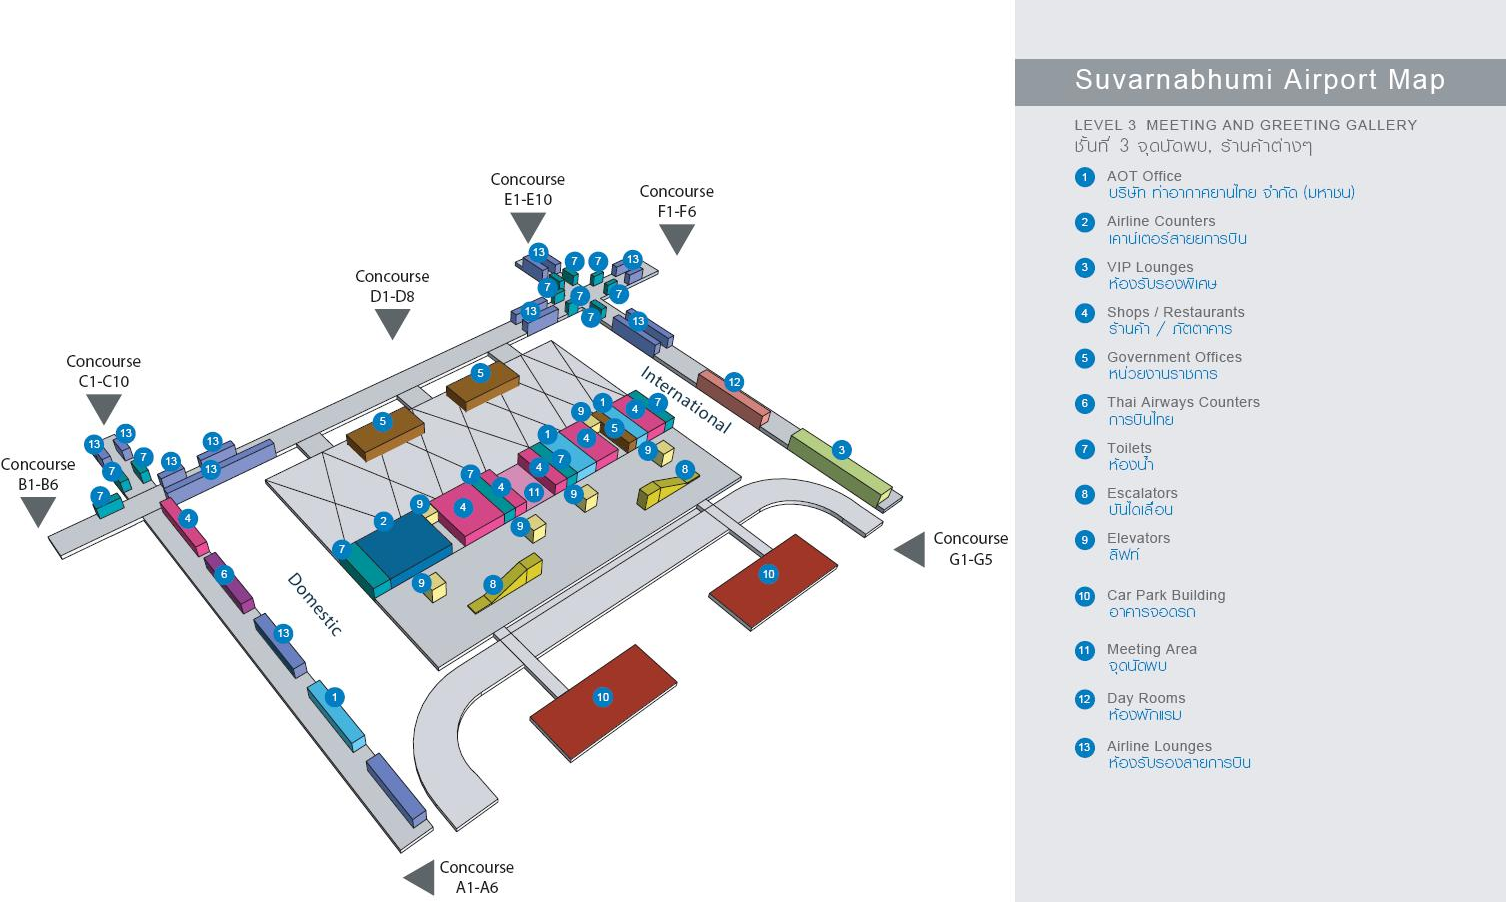 Схема третьего этажа аэропорта Суварнабхуми